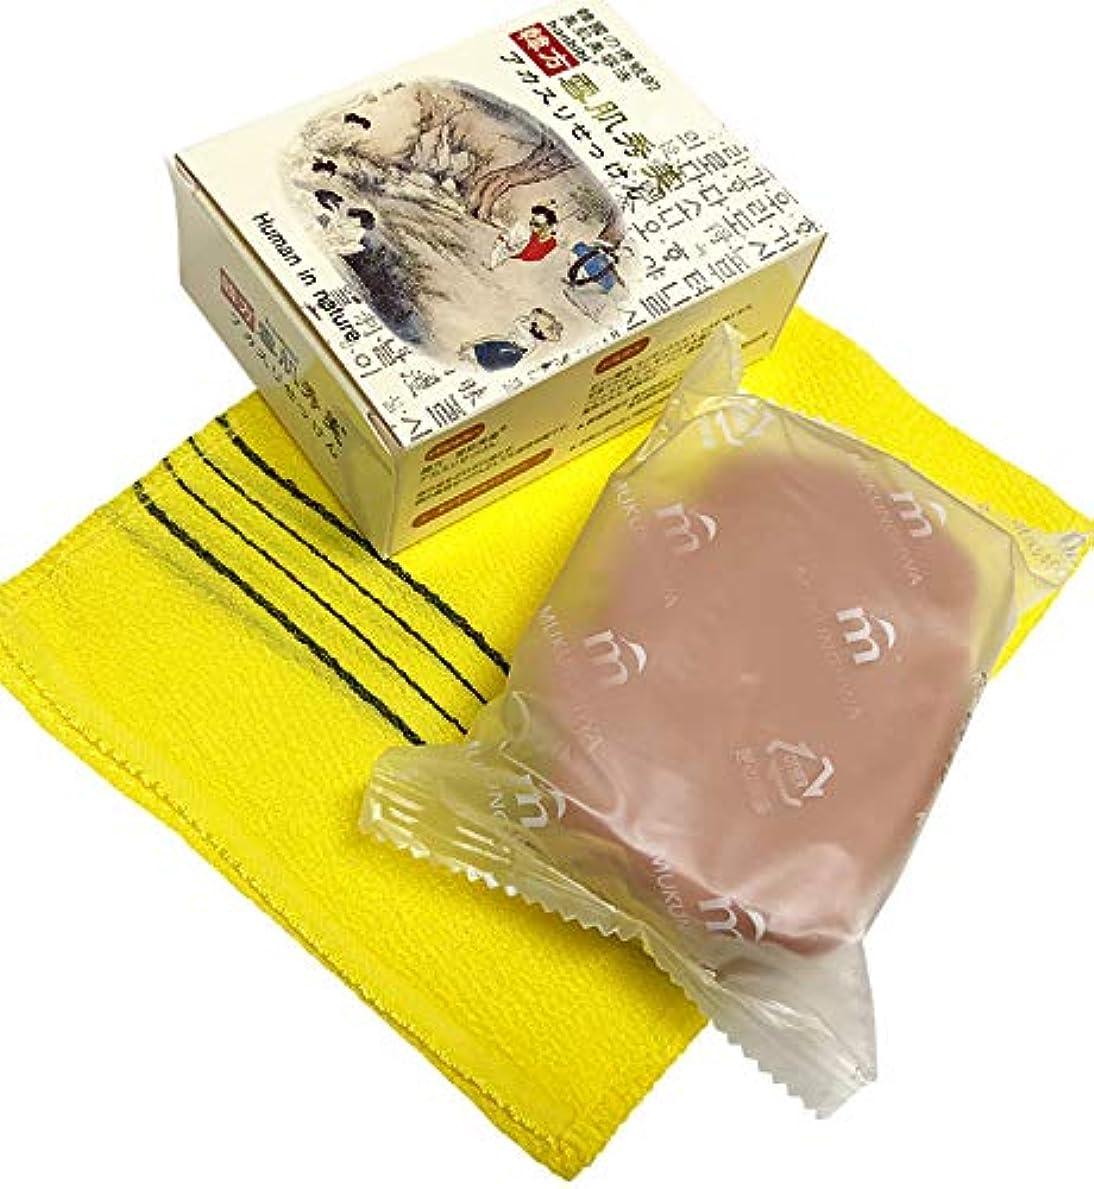 フィヨルド混沌どこにも人気の顔、体兼用、蜂蜜香りの韓方石ケン、韓国コスメ 韓方[雪肌美]蜂蜜アカスリせっけん アカスリ専用タオル付き